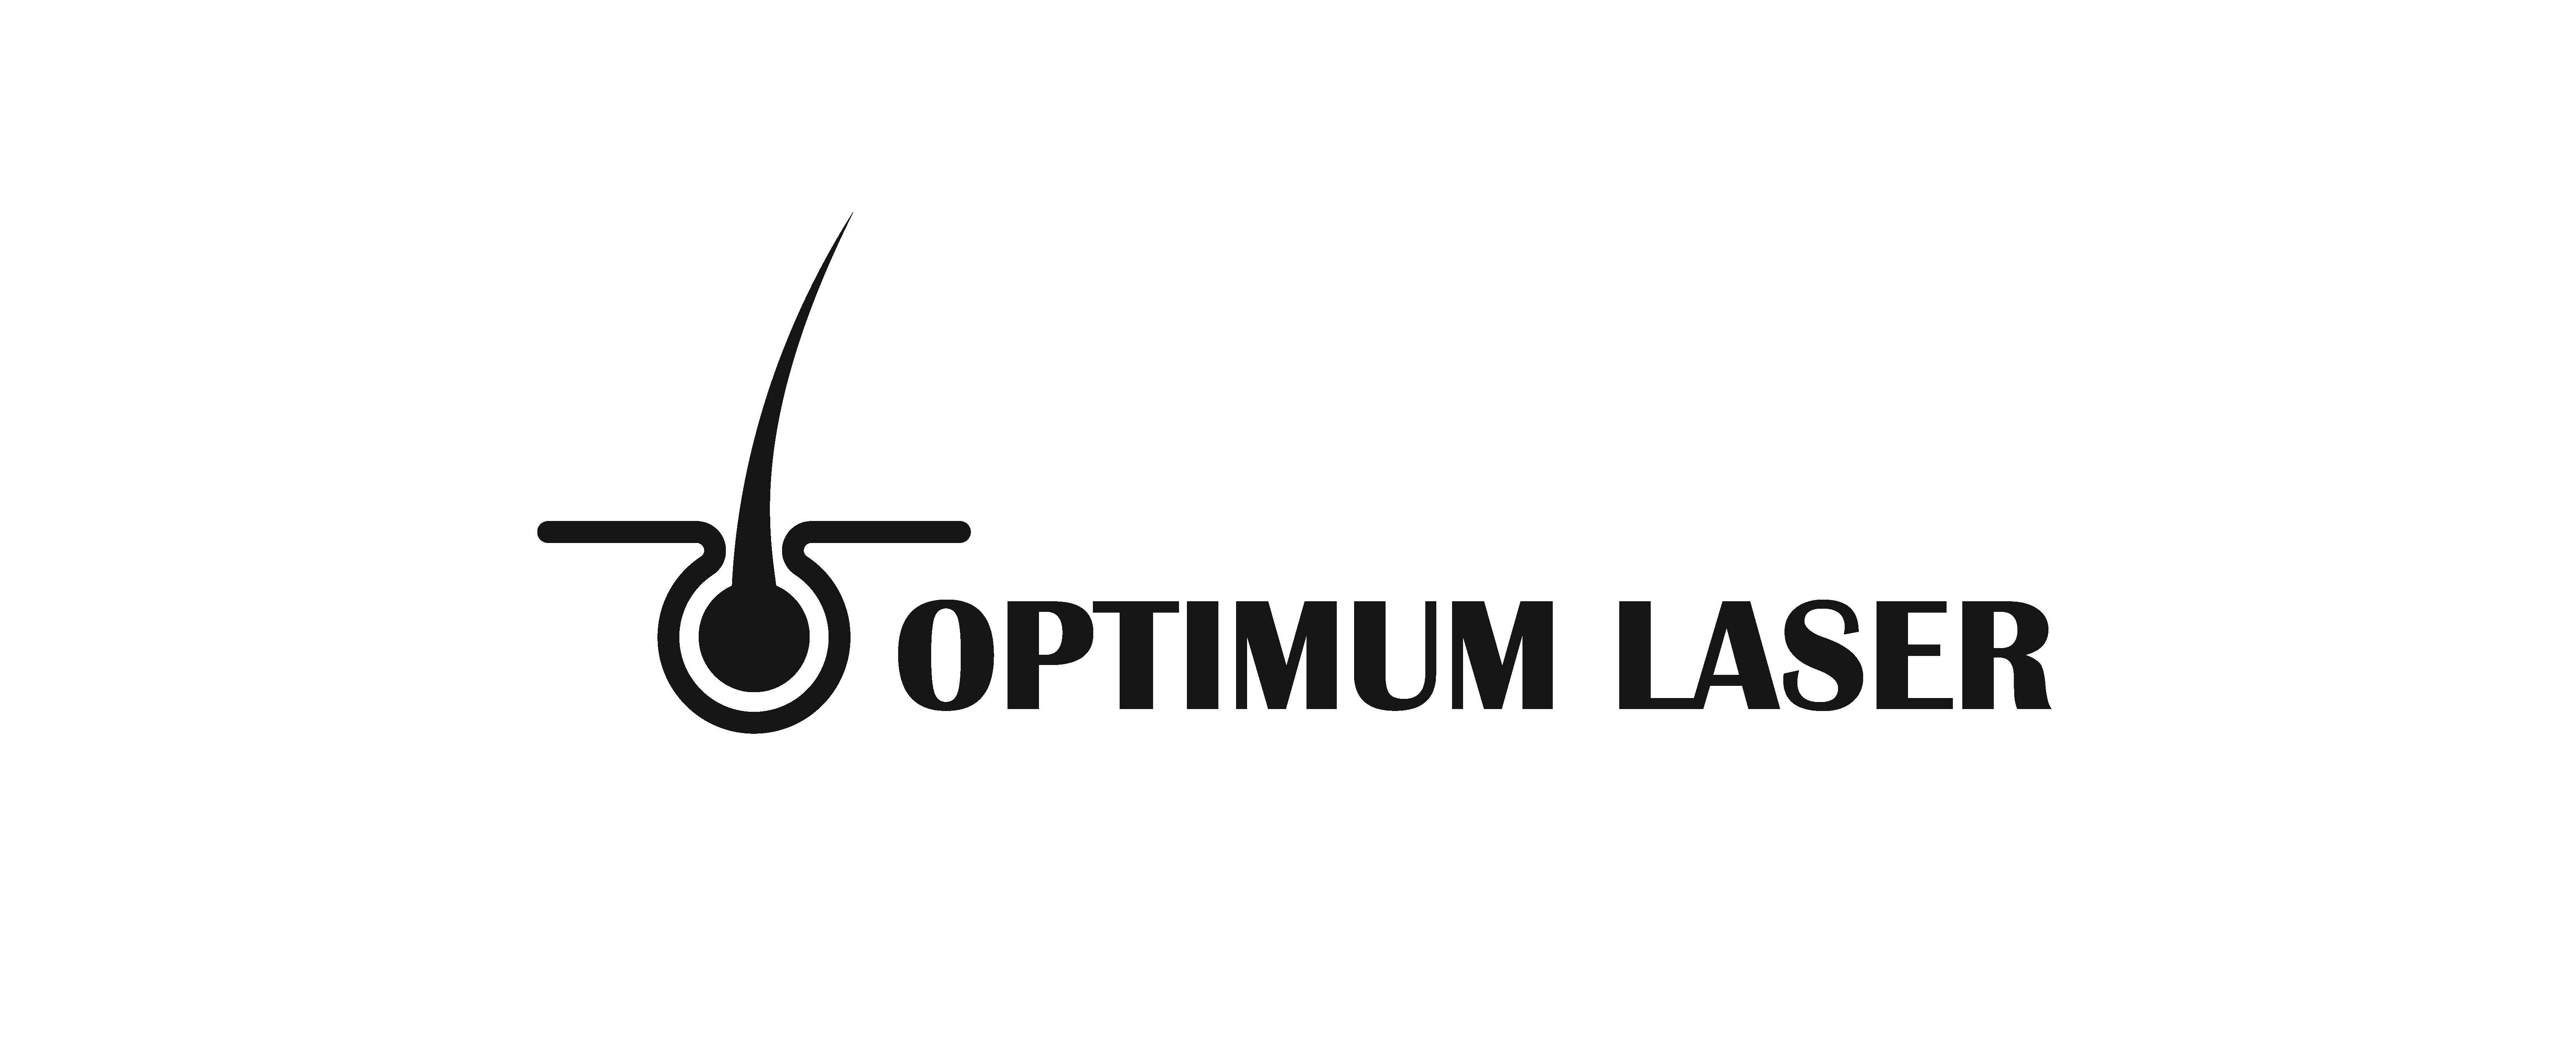 OPTIMUM LASER INC.